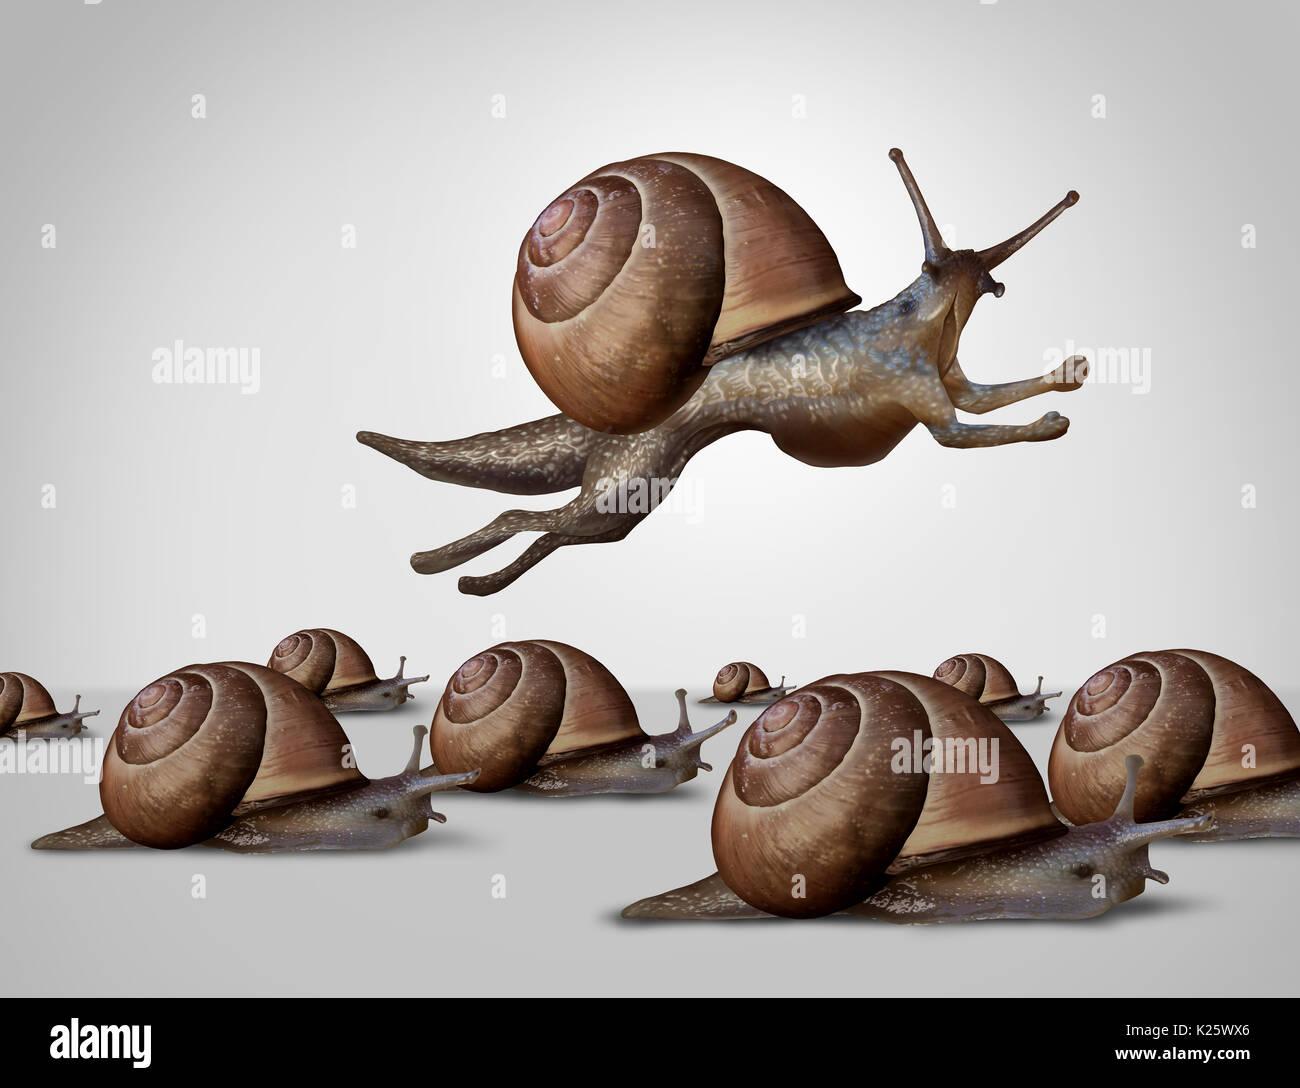 Konzept der Veränderung und Wechsel zu besser als eine Gruppe von langsamen racing Schnecken mit einem einzelnen schnellen Führer Schnecke mit laufendem Gliedmaßen konkurrieren. Stockbild